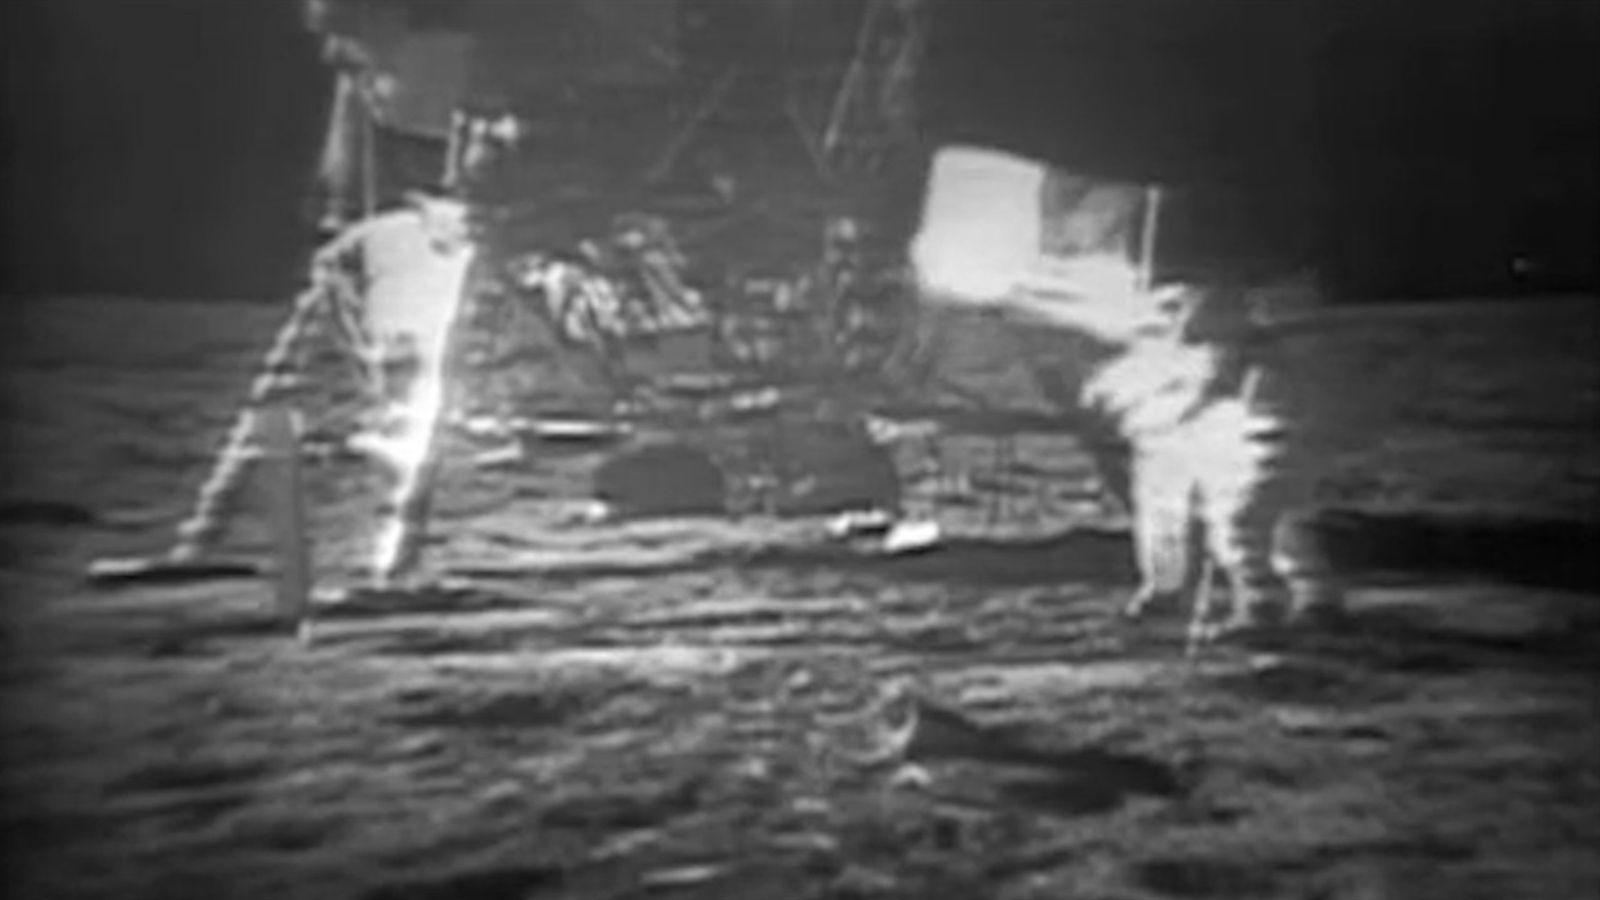 Video de 2009 muestra imágenes restauradas del Apolo 11 y la llegada a la luna